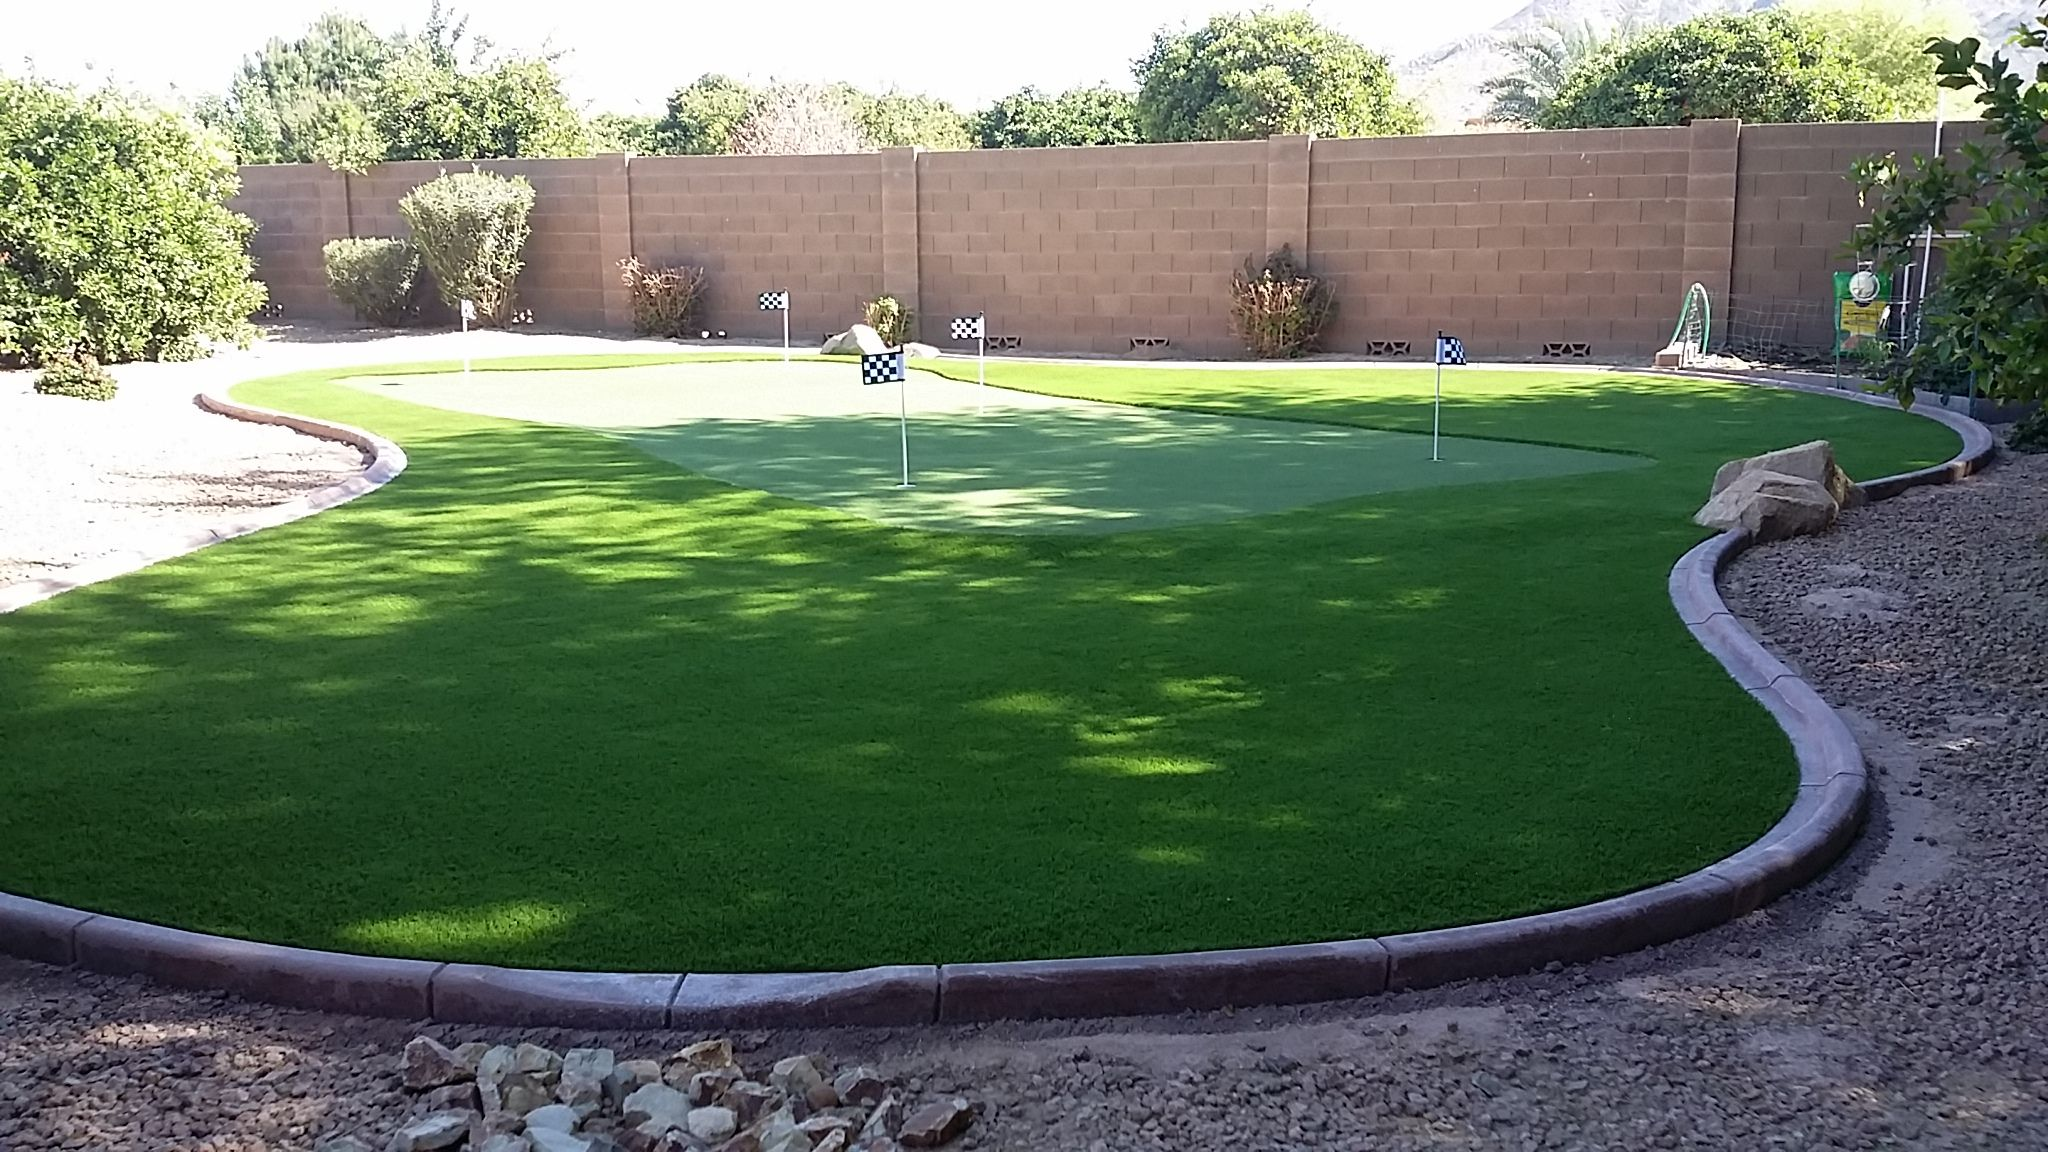 #Puttingreen #Artificialgrass #Landscape #Landscapingideas #Outdoordesign #Outdoors #Curbing